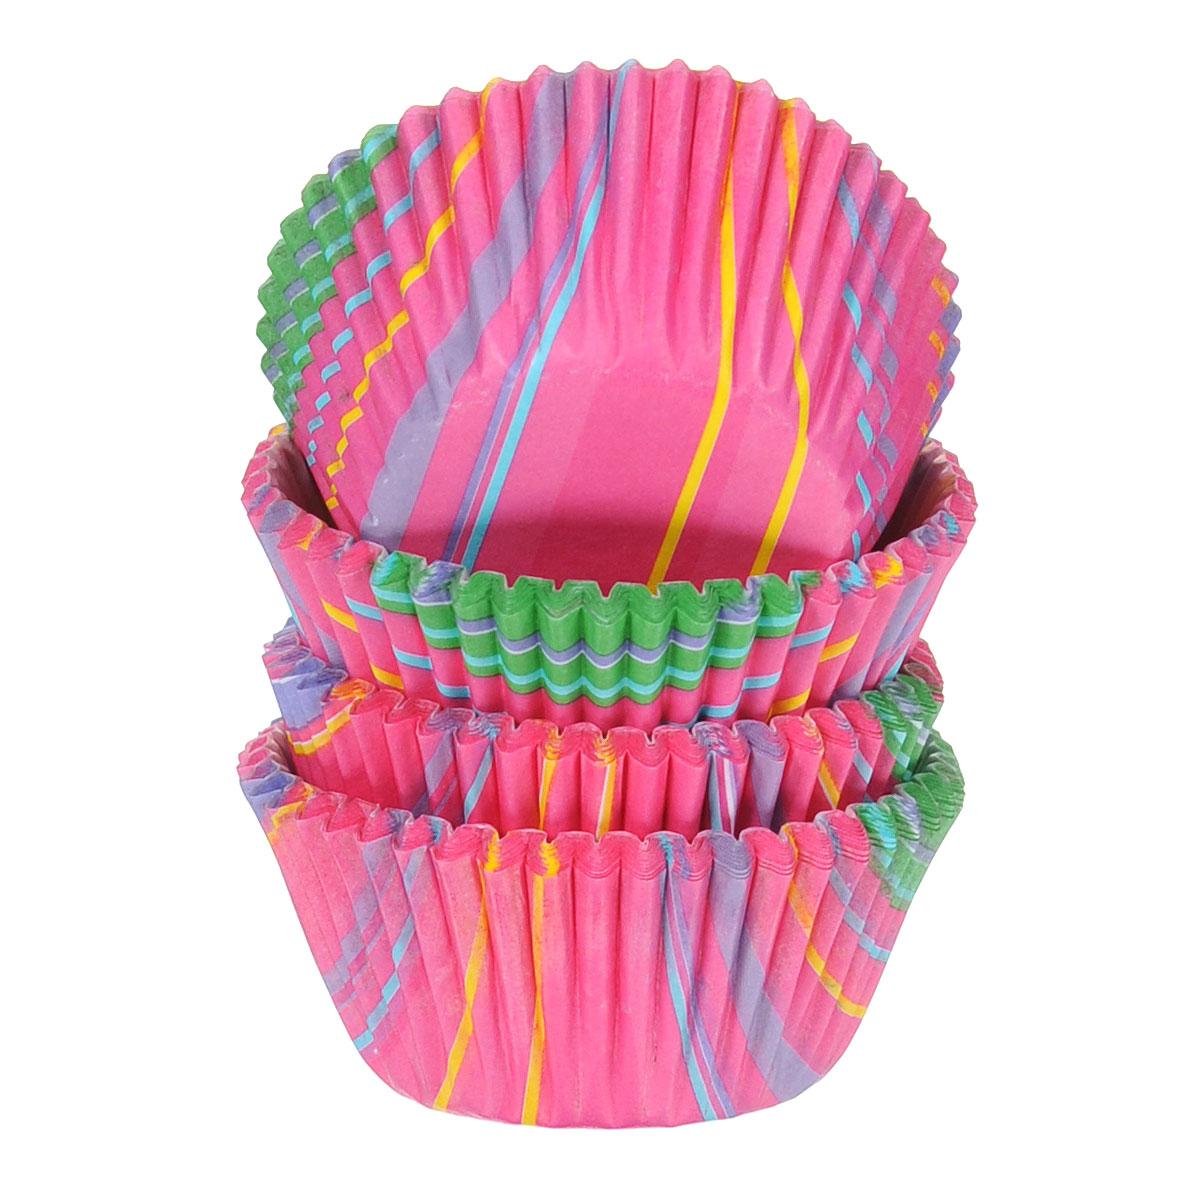 Набор бумажных мини-форм для кексов Wilton Полосы, диаметр 3,2 см, 100 штWLT-415-5380Бумажные мини-формы Wilton Полосы используются для выпечки, украшения и упаковки кондитерских изделий, сервировки конфет, орешков, десертов. Края форм гофрированные. С такими формами вы всегда сможете порадовать своих близких оригинальной выпечкой.